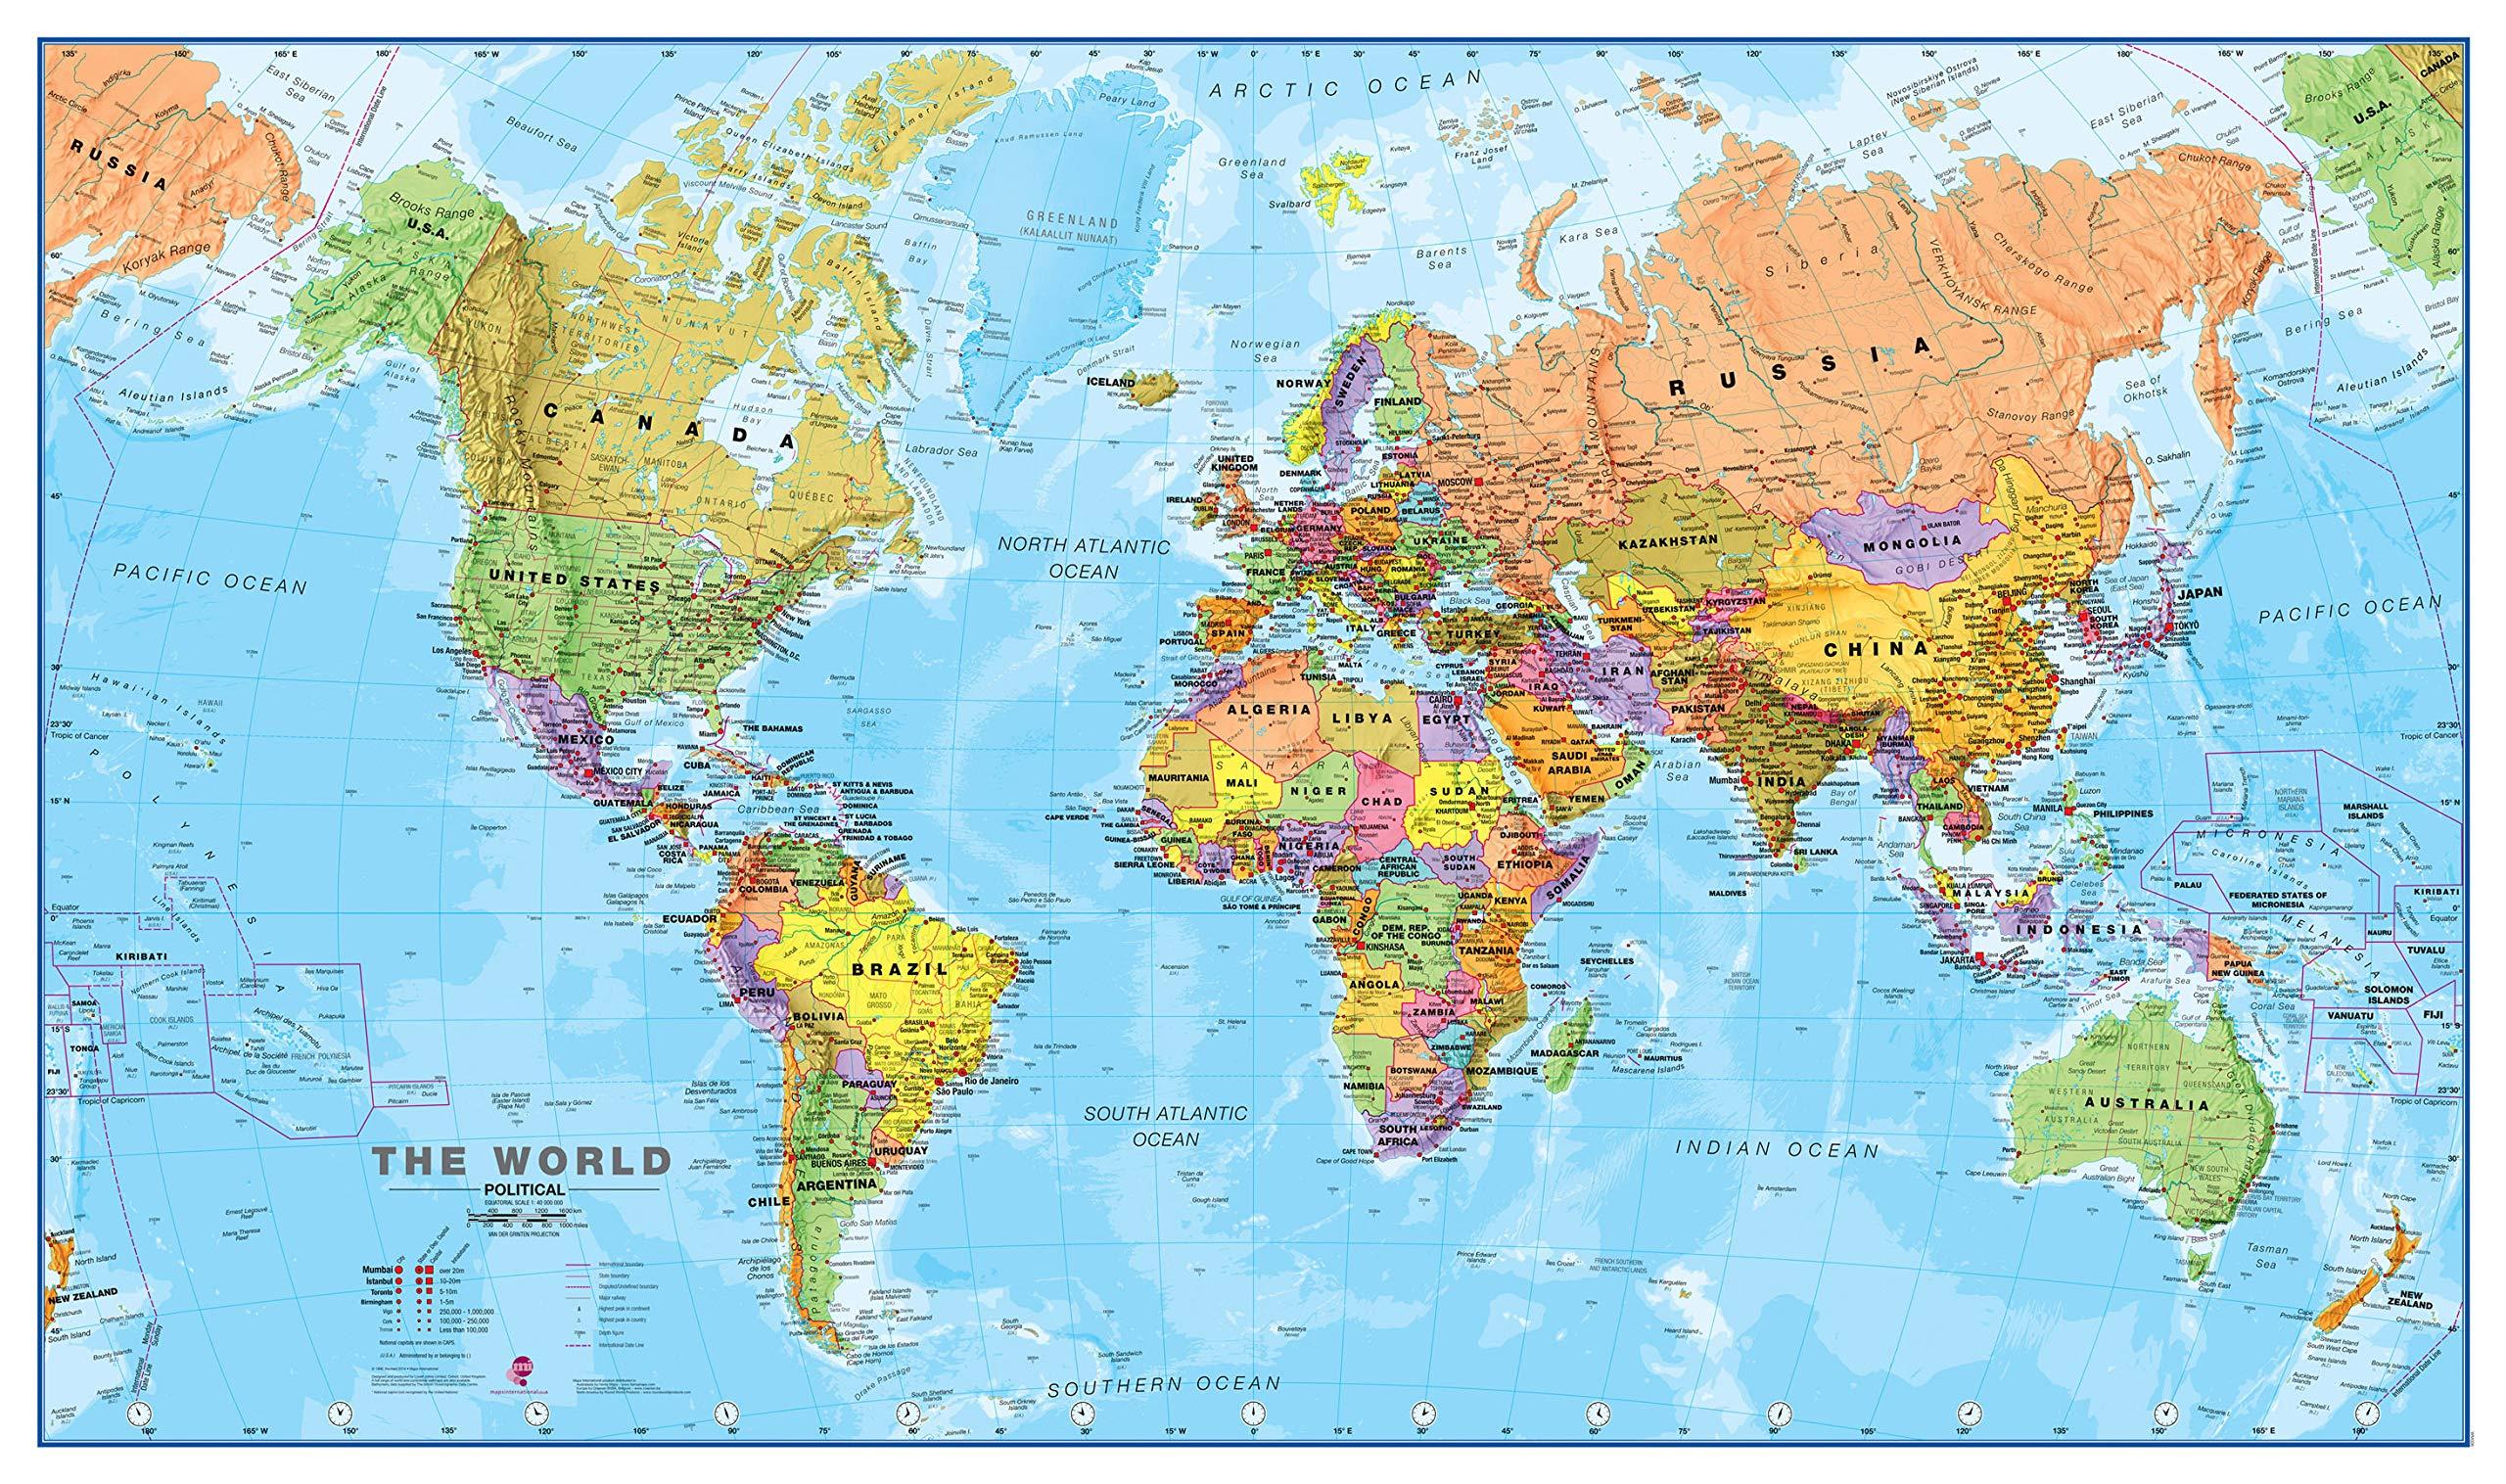 Maps International - Mapa del mundo, póster político con el mapa del mundo, plastificado - 84,1 x 59,4 cm: Amazon.es: Oficina y papelería